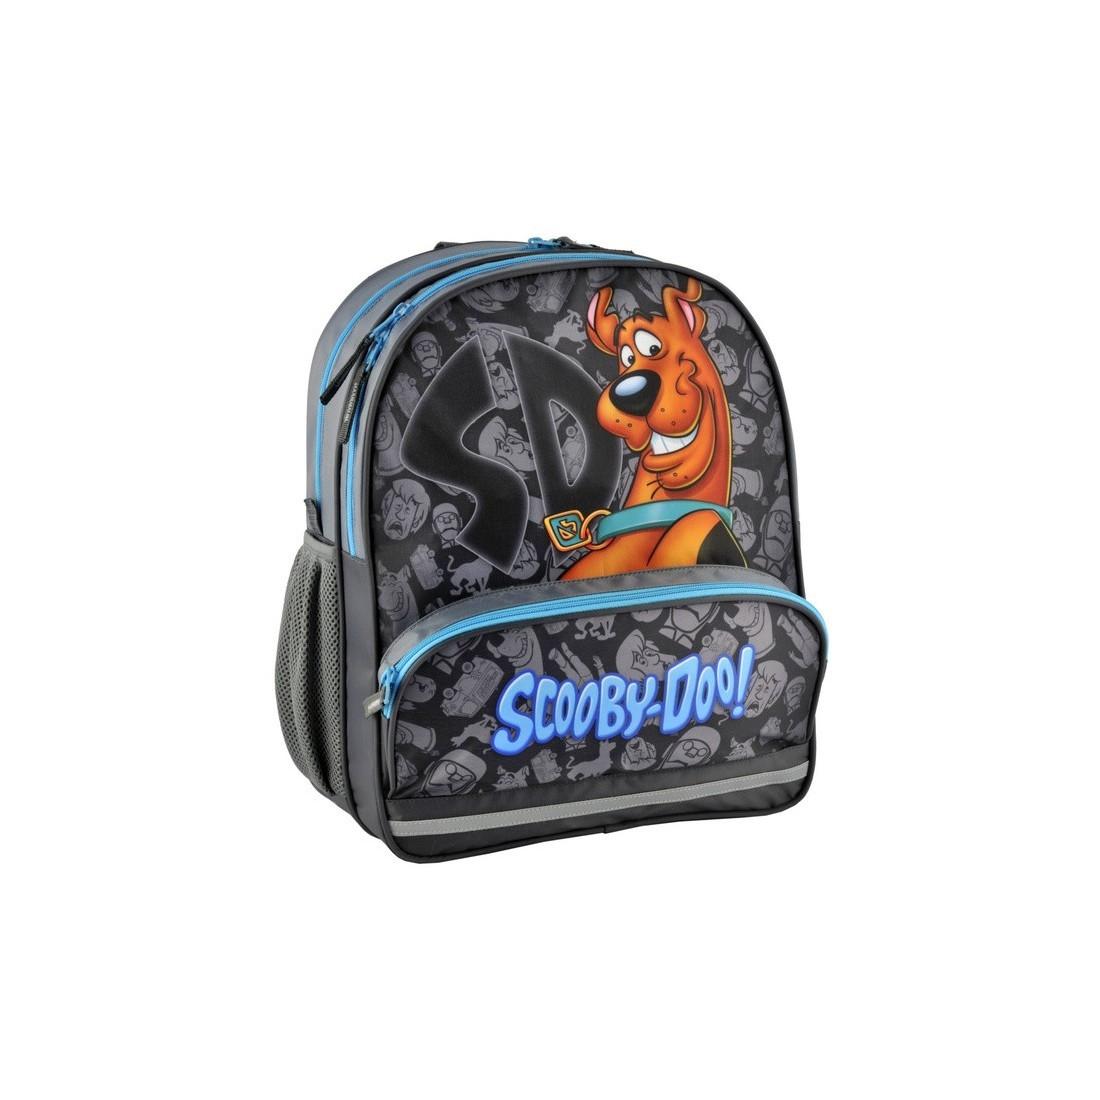 Plecak szkolny Scooby Doo - plecak-tornister.pl